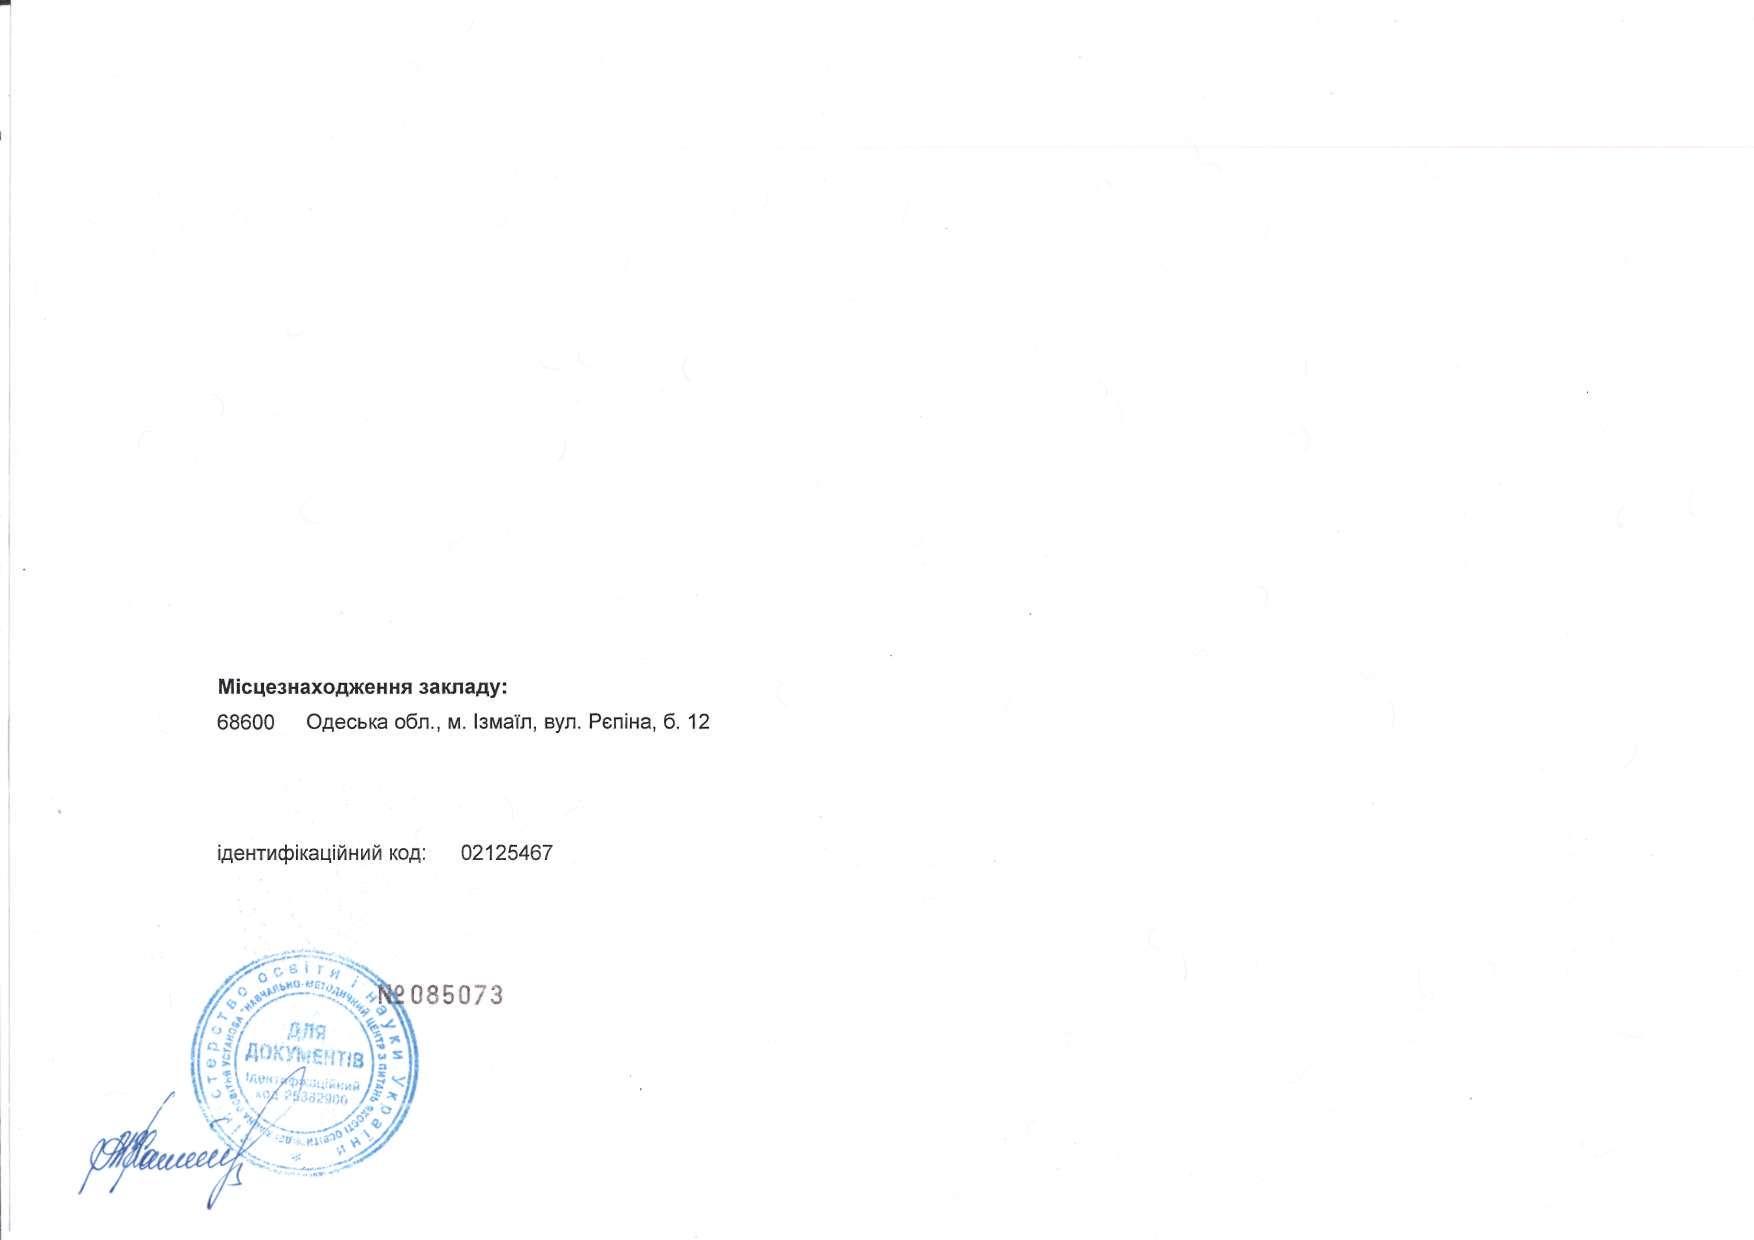 6.020105 Документознавство та інформаційна діяльність